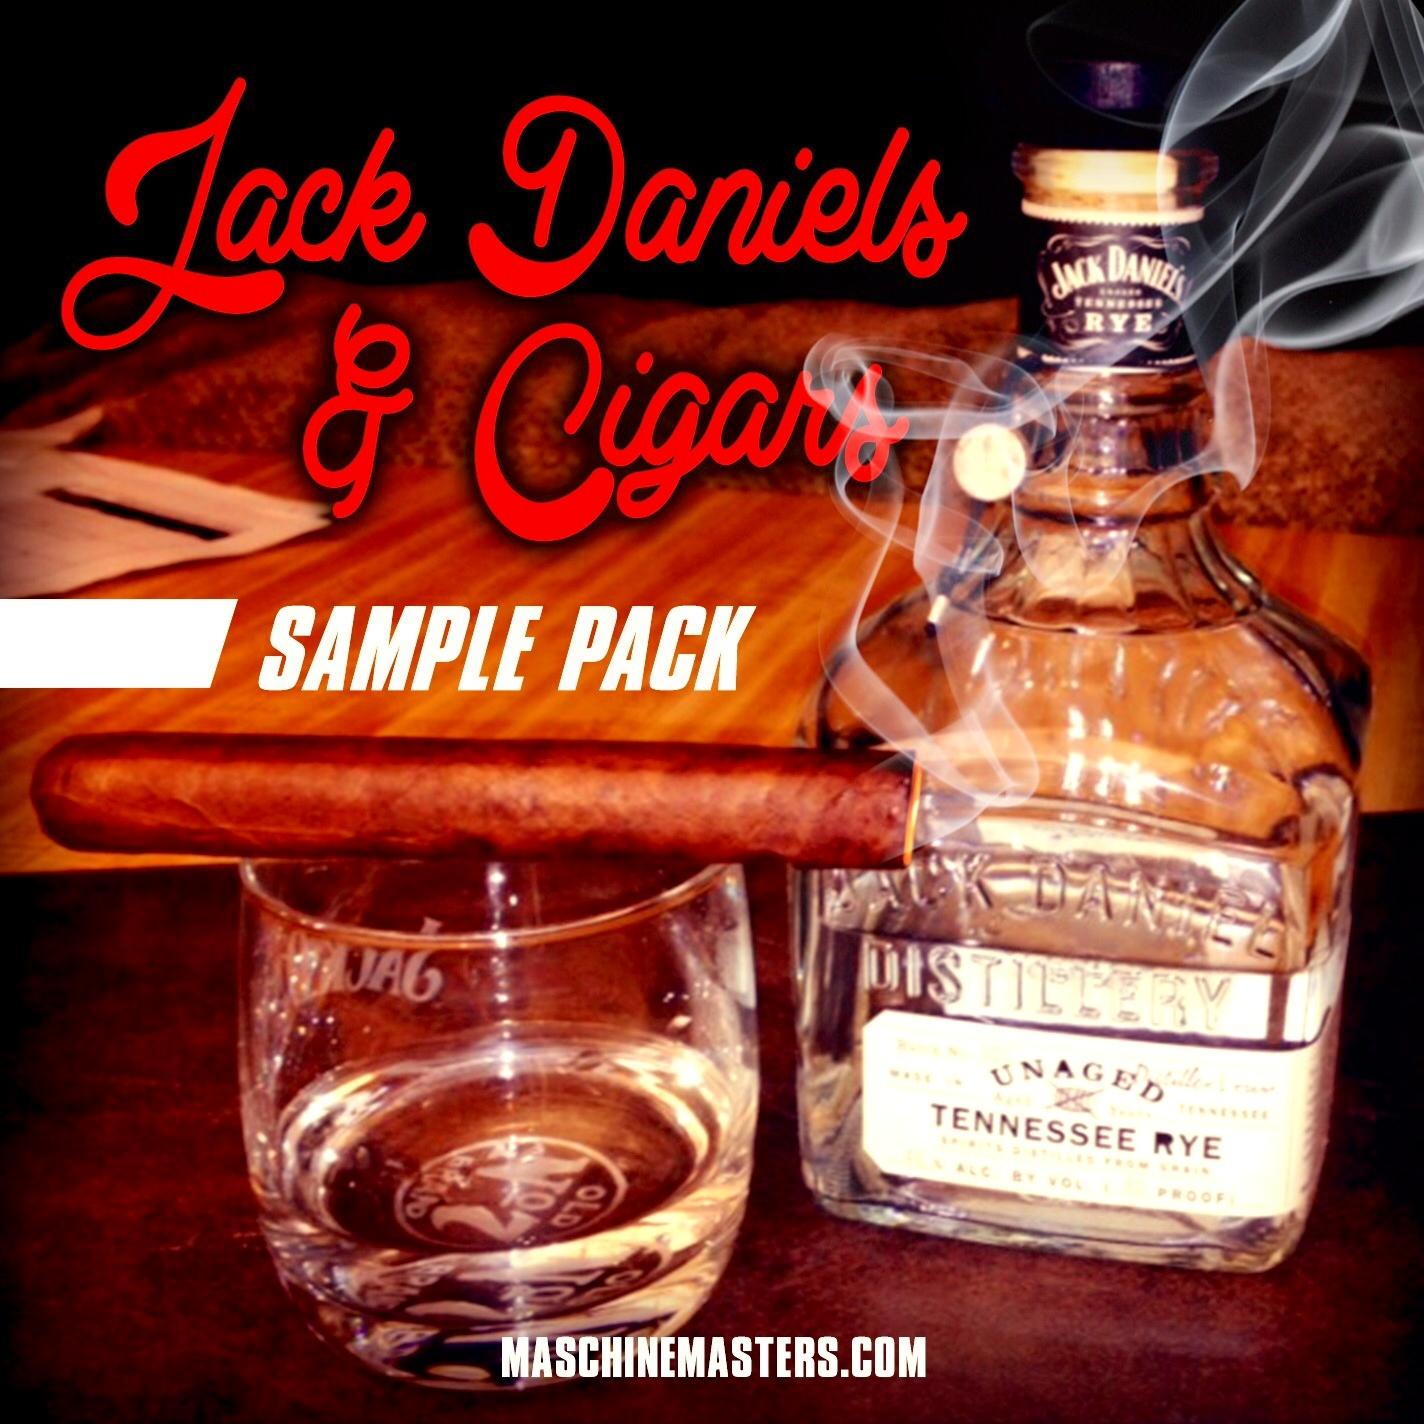 Jack Daniels N Cigars Sample Pack